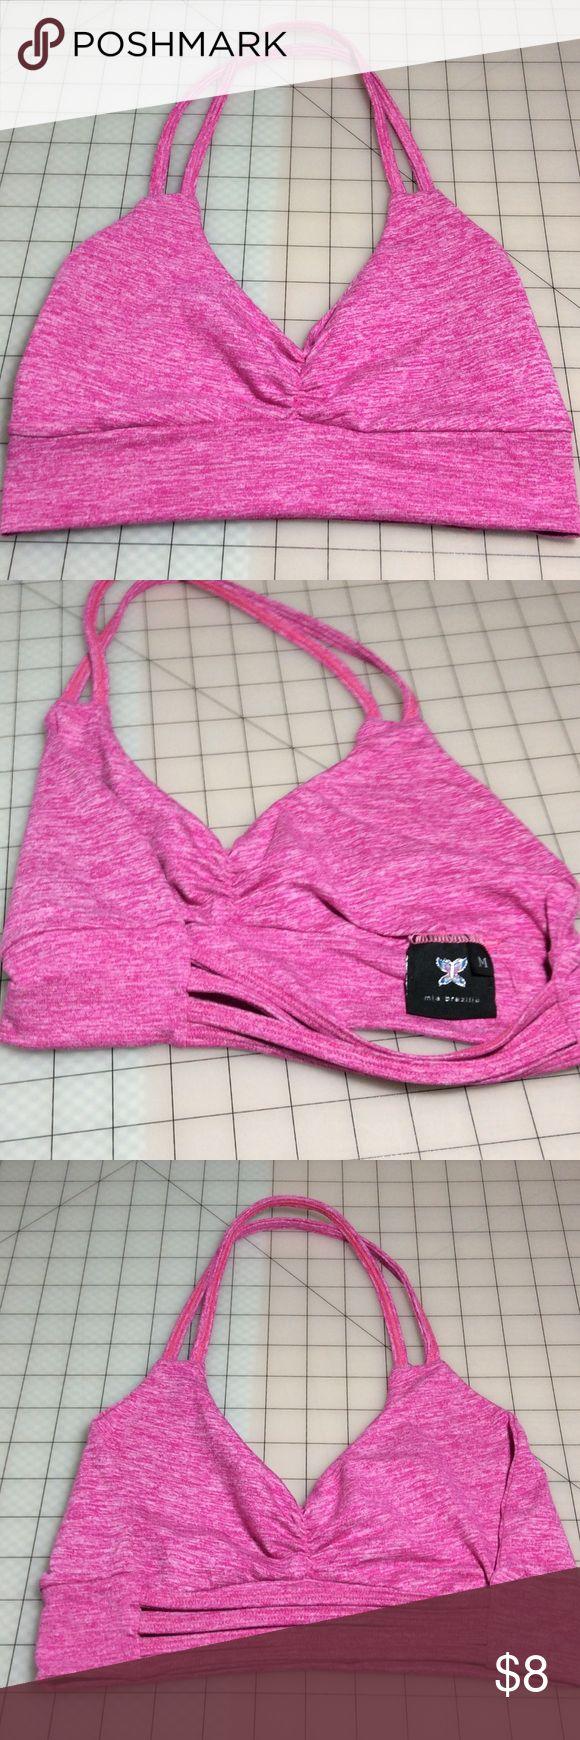 Mia Brazilian halter workout bra Fuchsia pink bra size M halter style Mia Brazilia Other